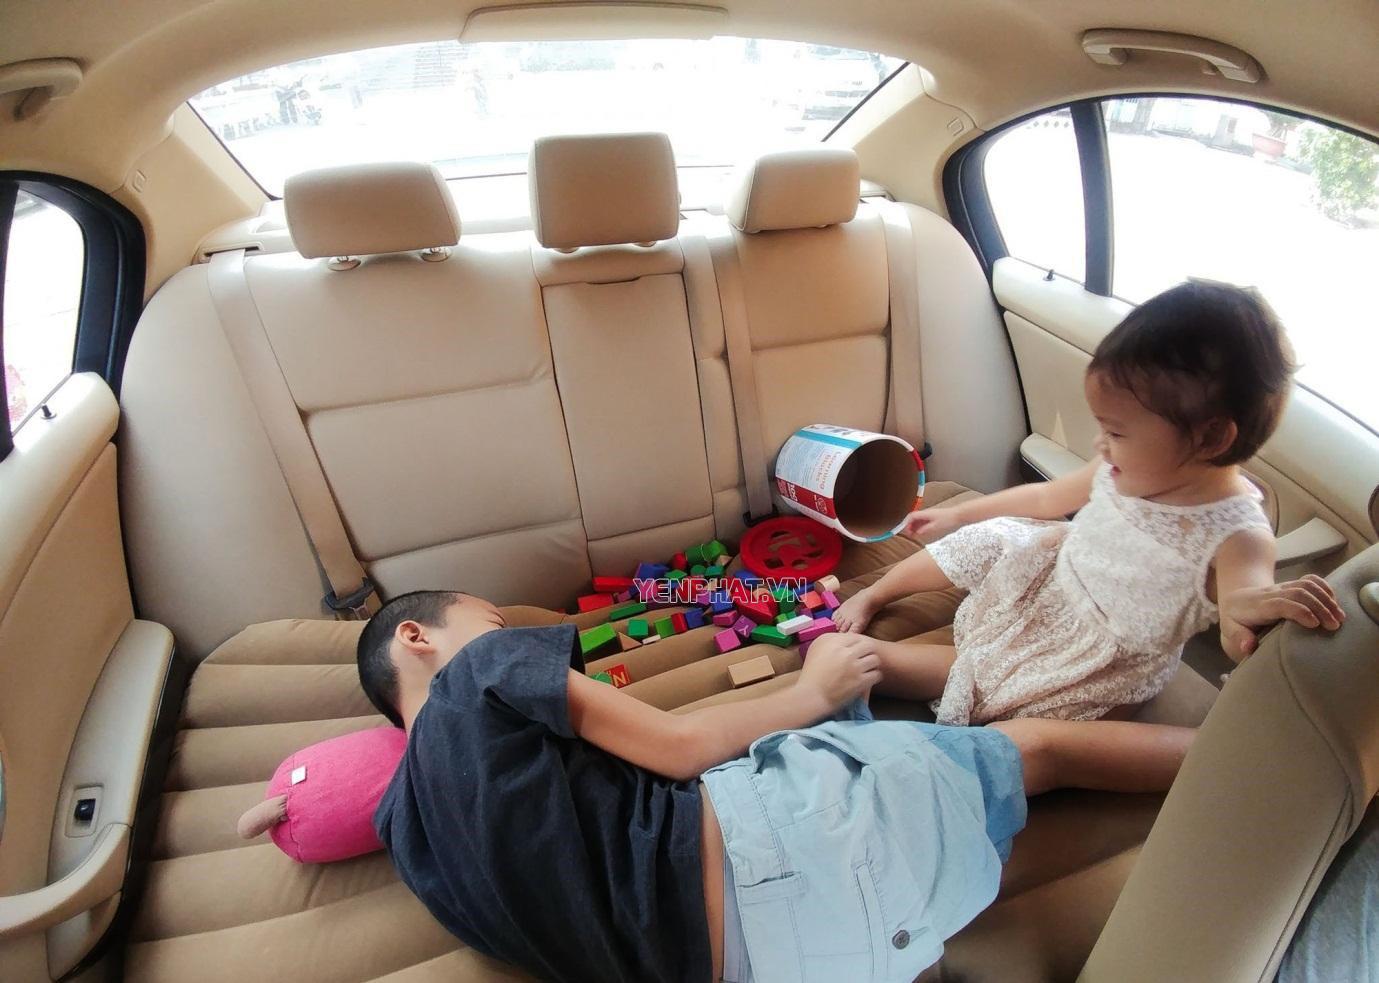 Sử dụng đệm giường ghế gây mất an toàn cho người ngồi sau